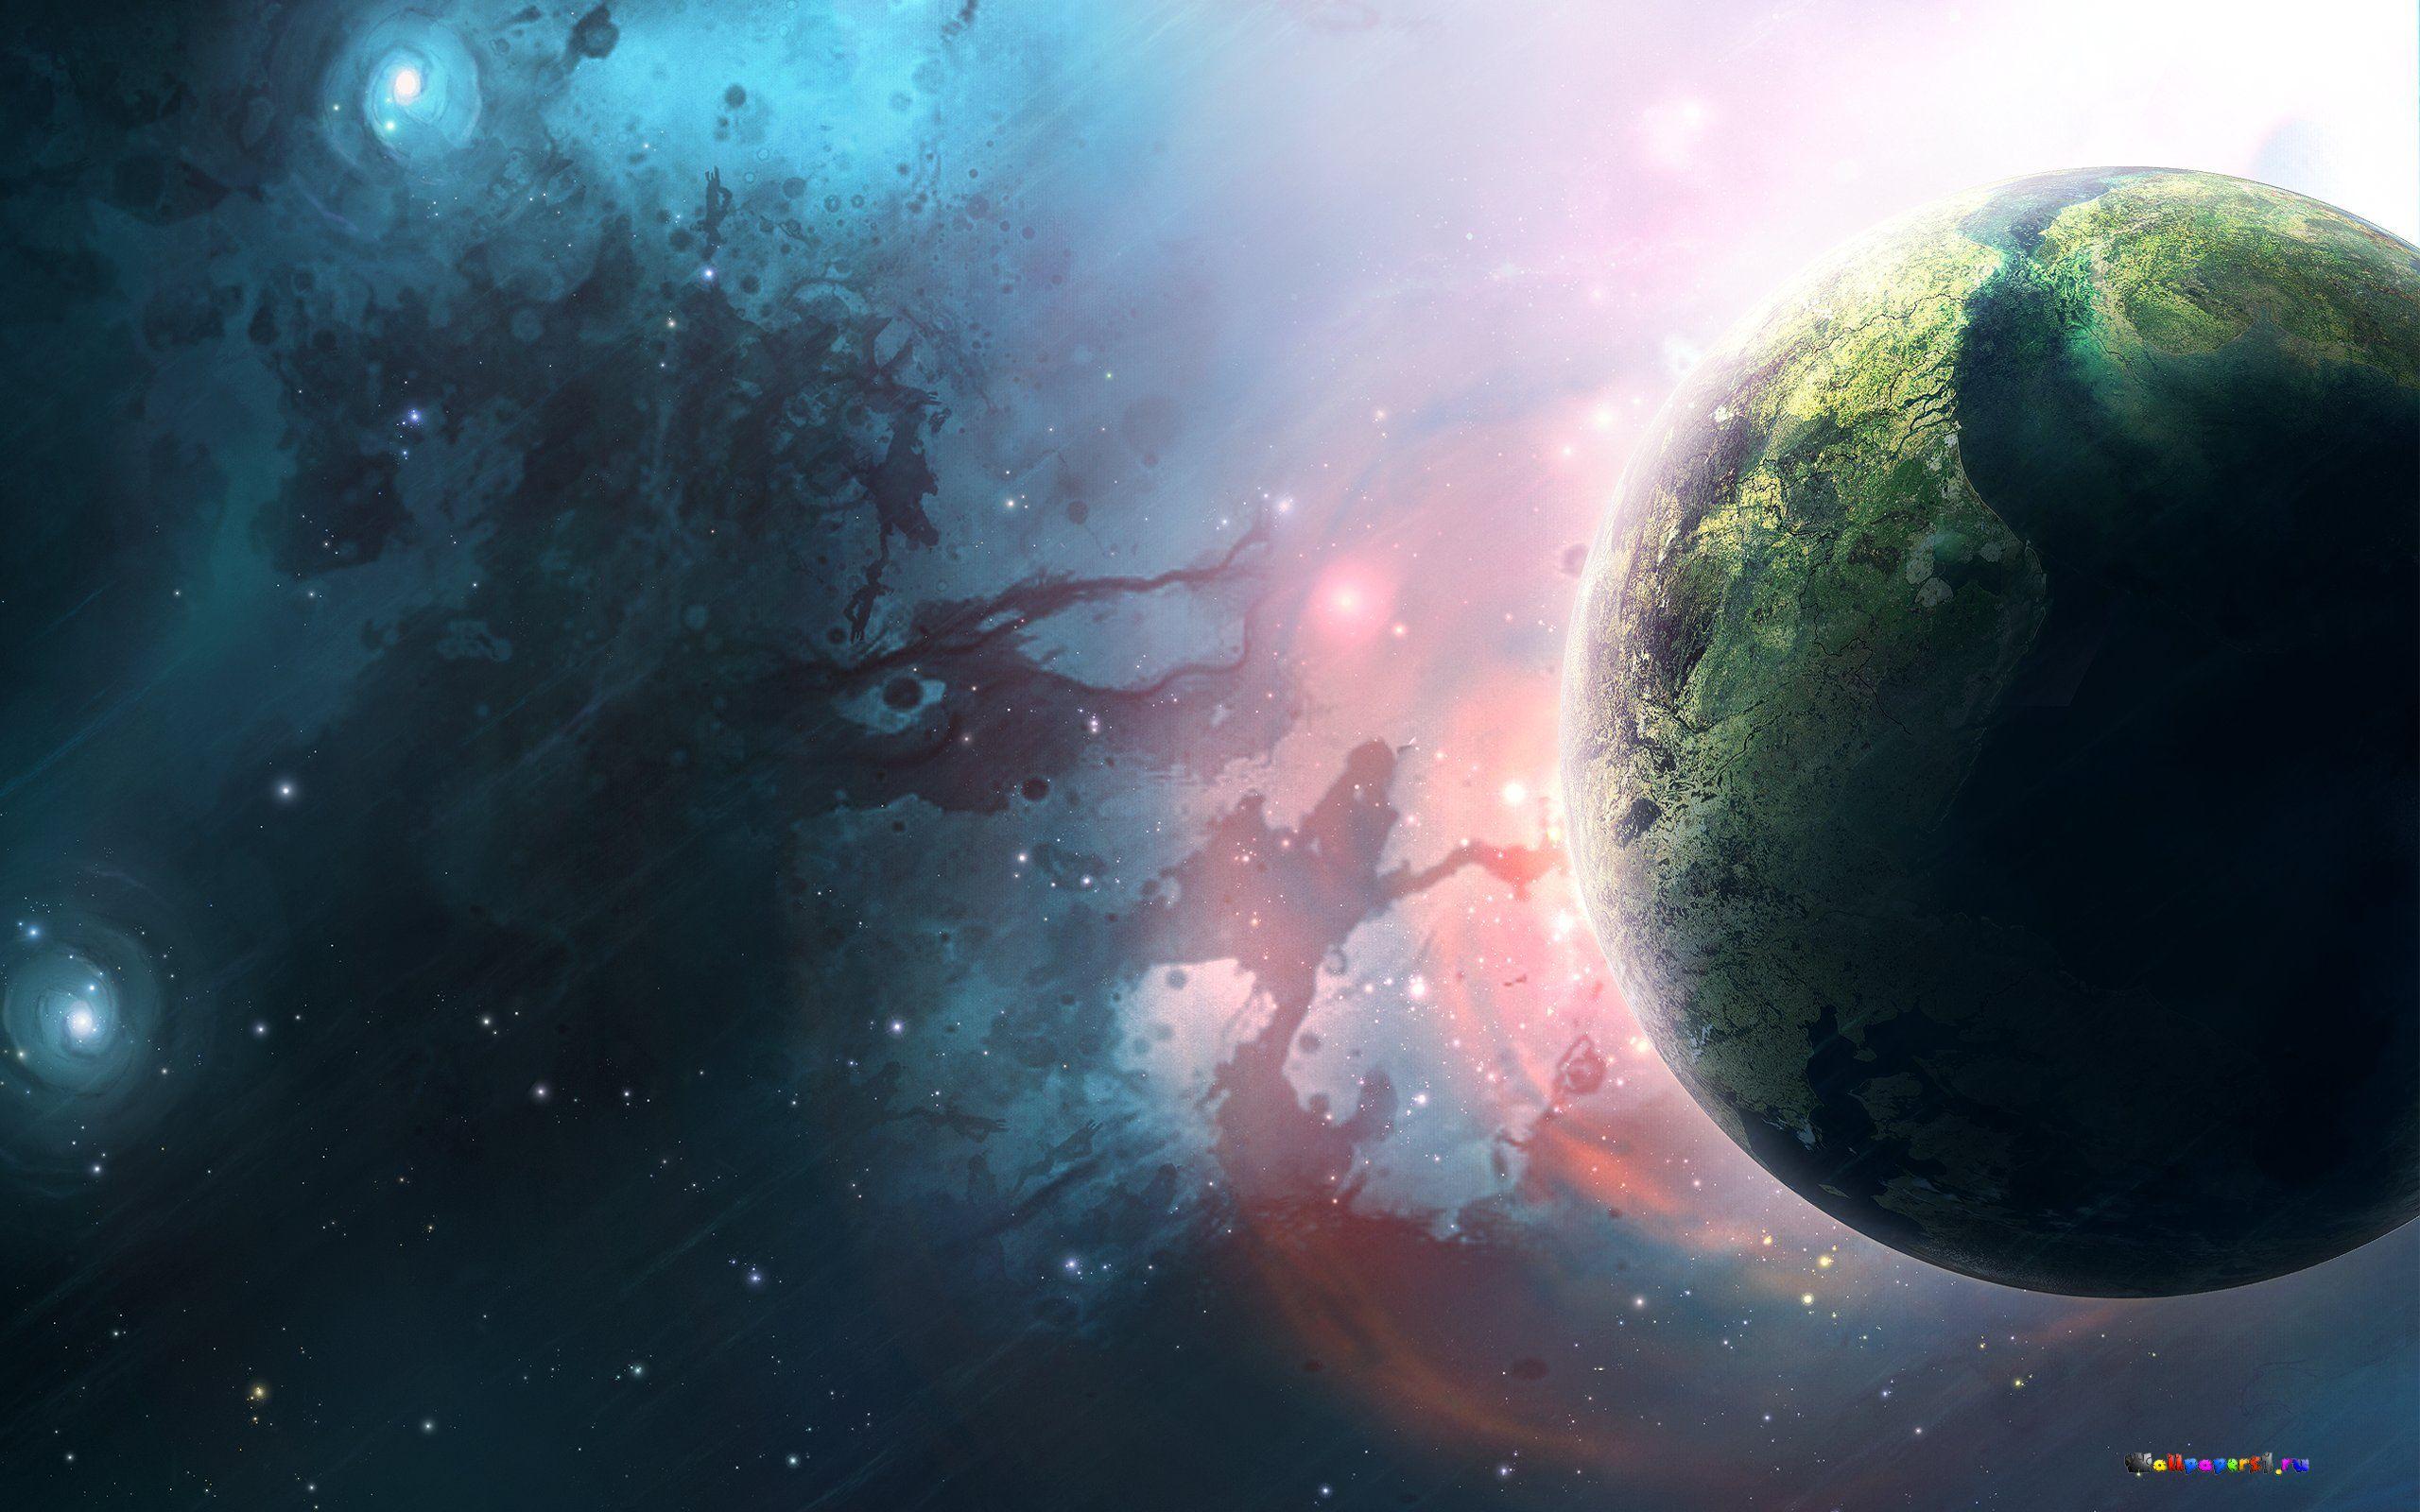 Обои планета туманность картинки на рабочий стол на тему Космос - скачать загрузить